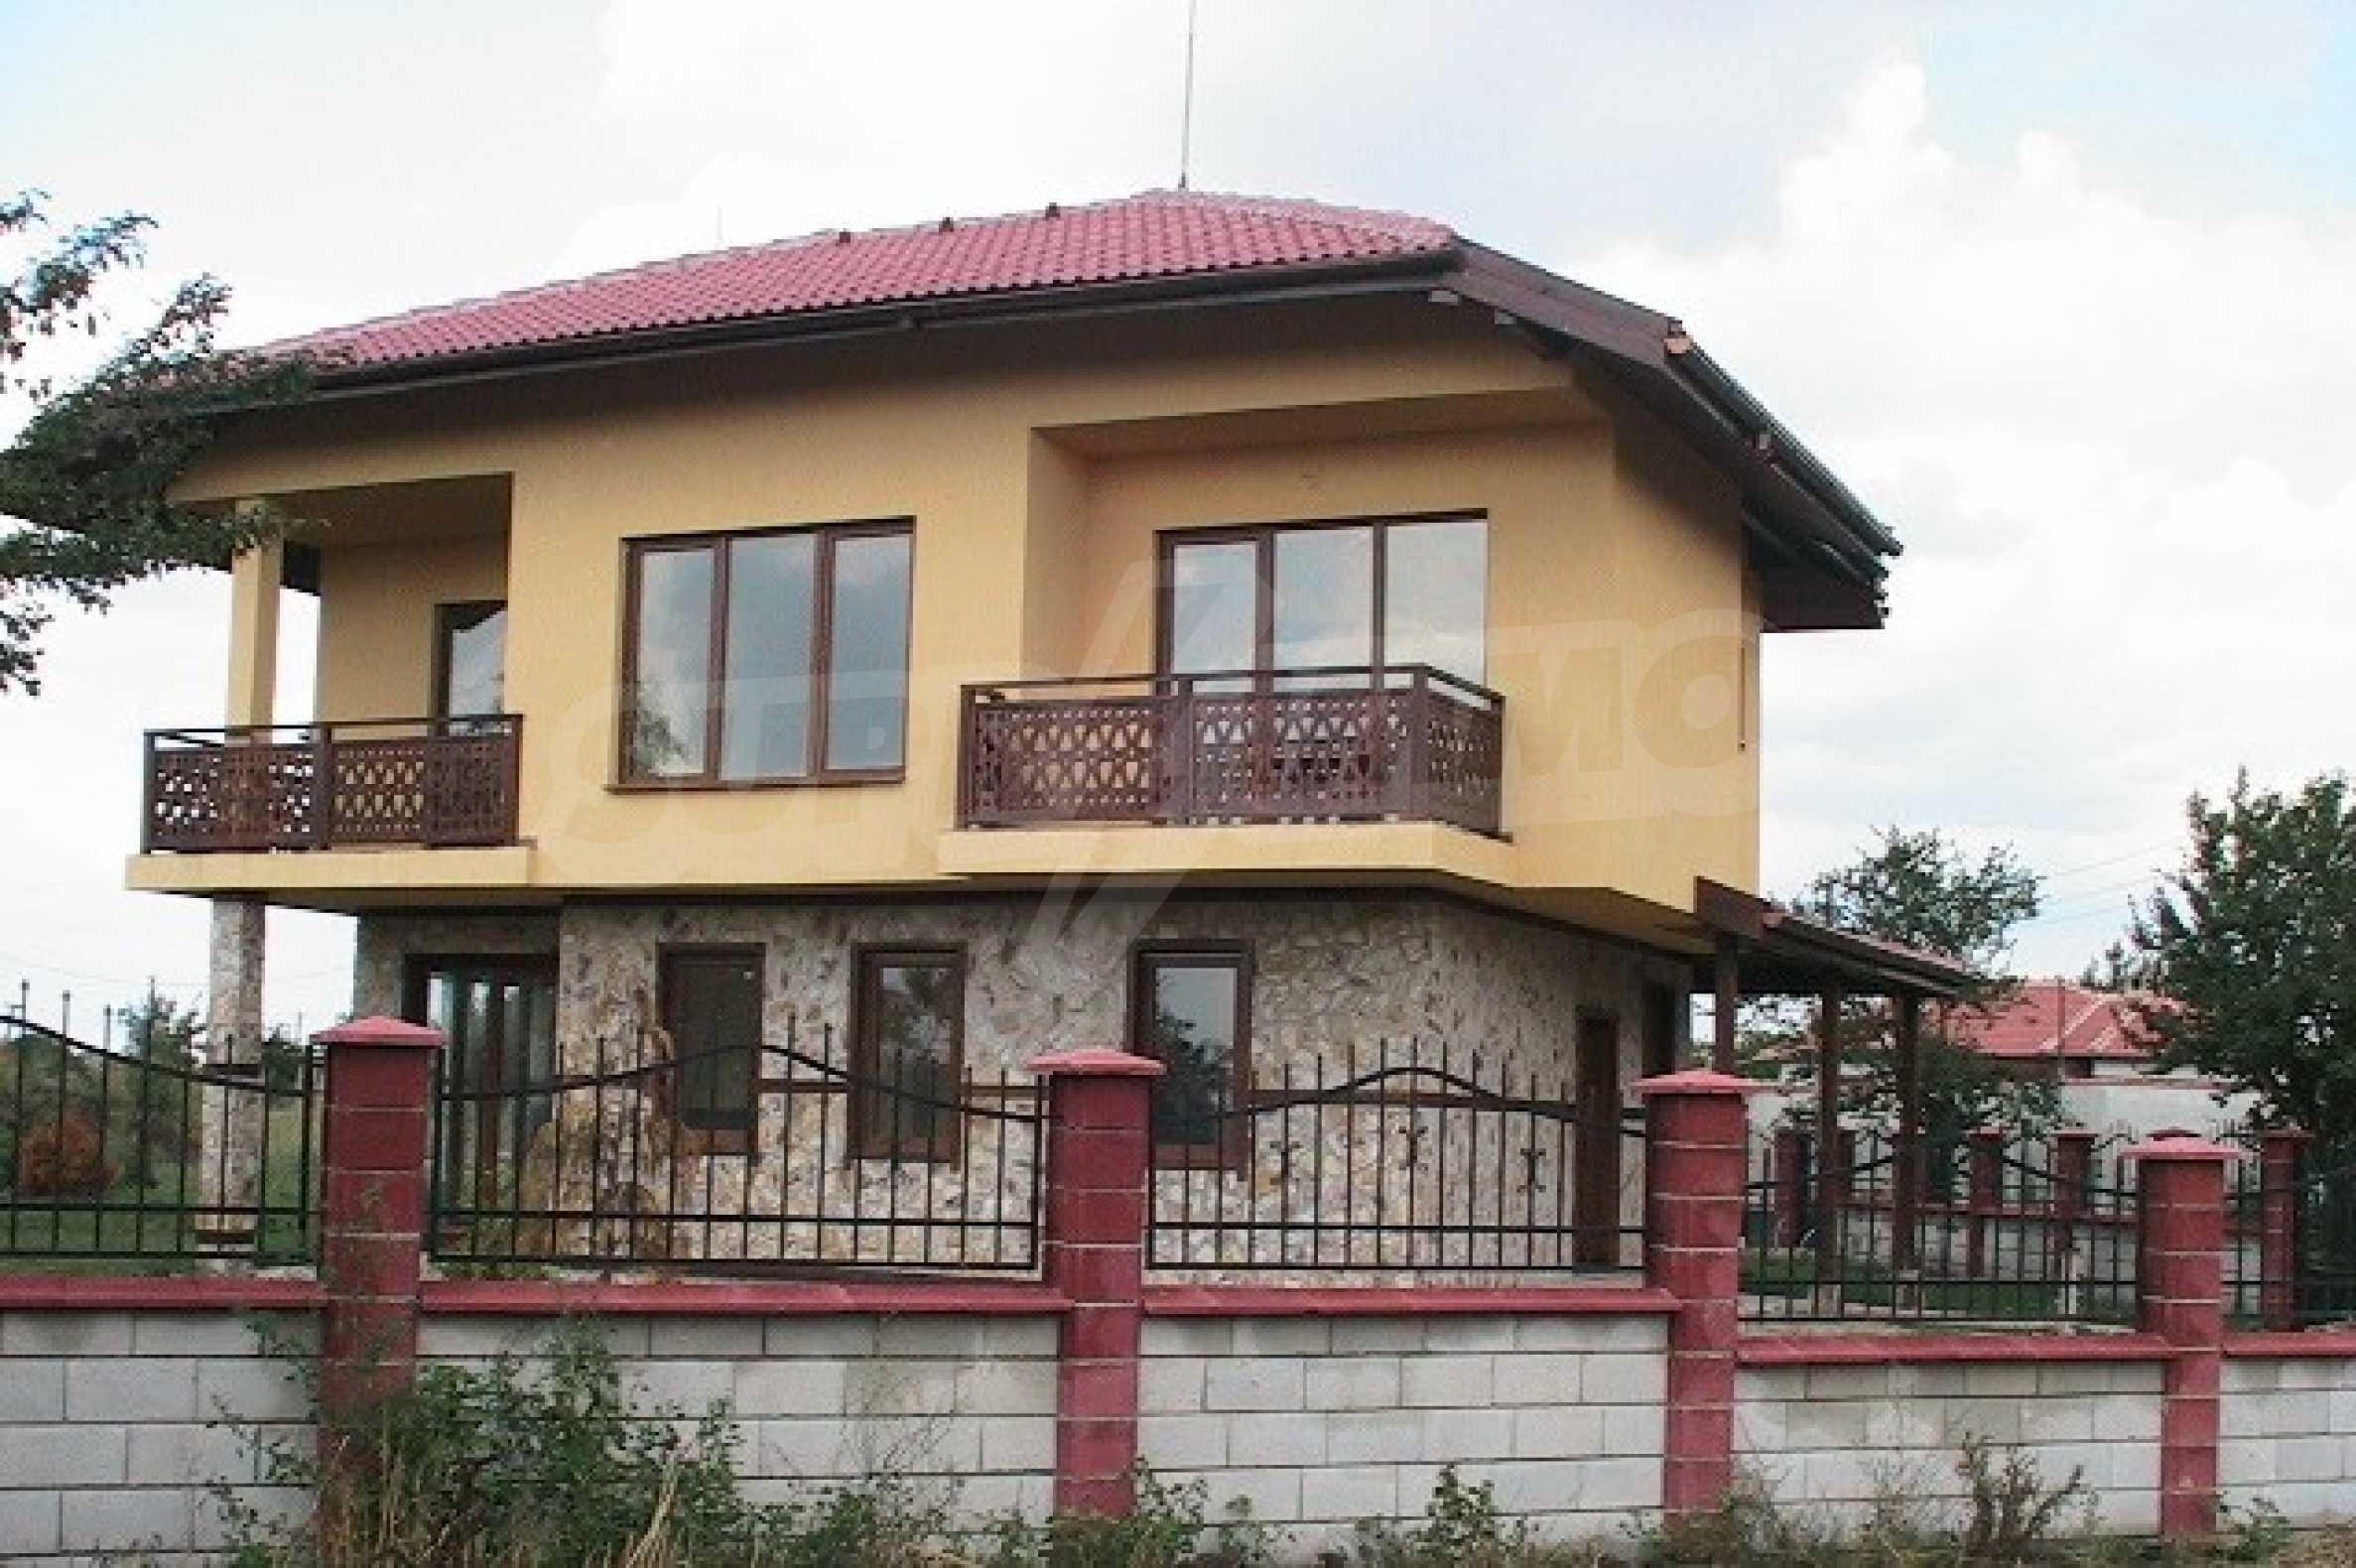 Neues zweistöckiges Haus 5 km von Baltschik entfernt